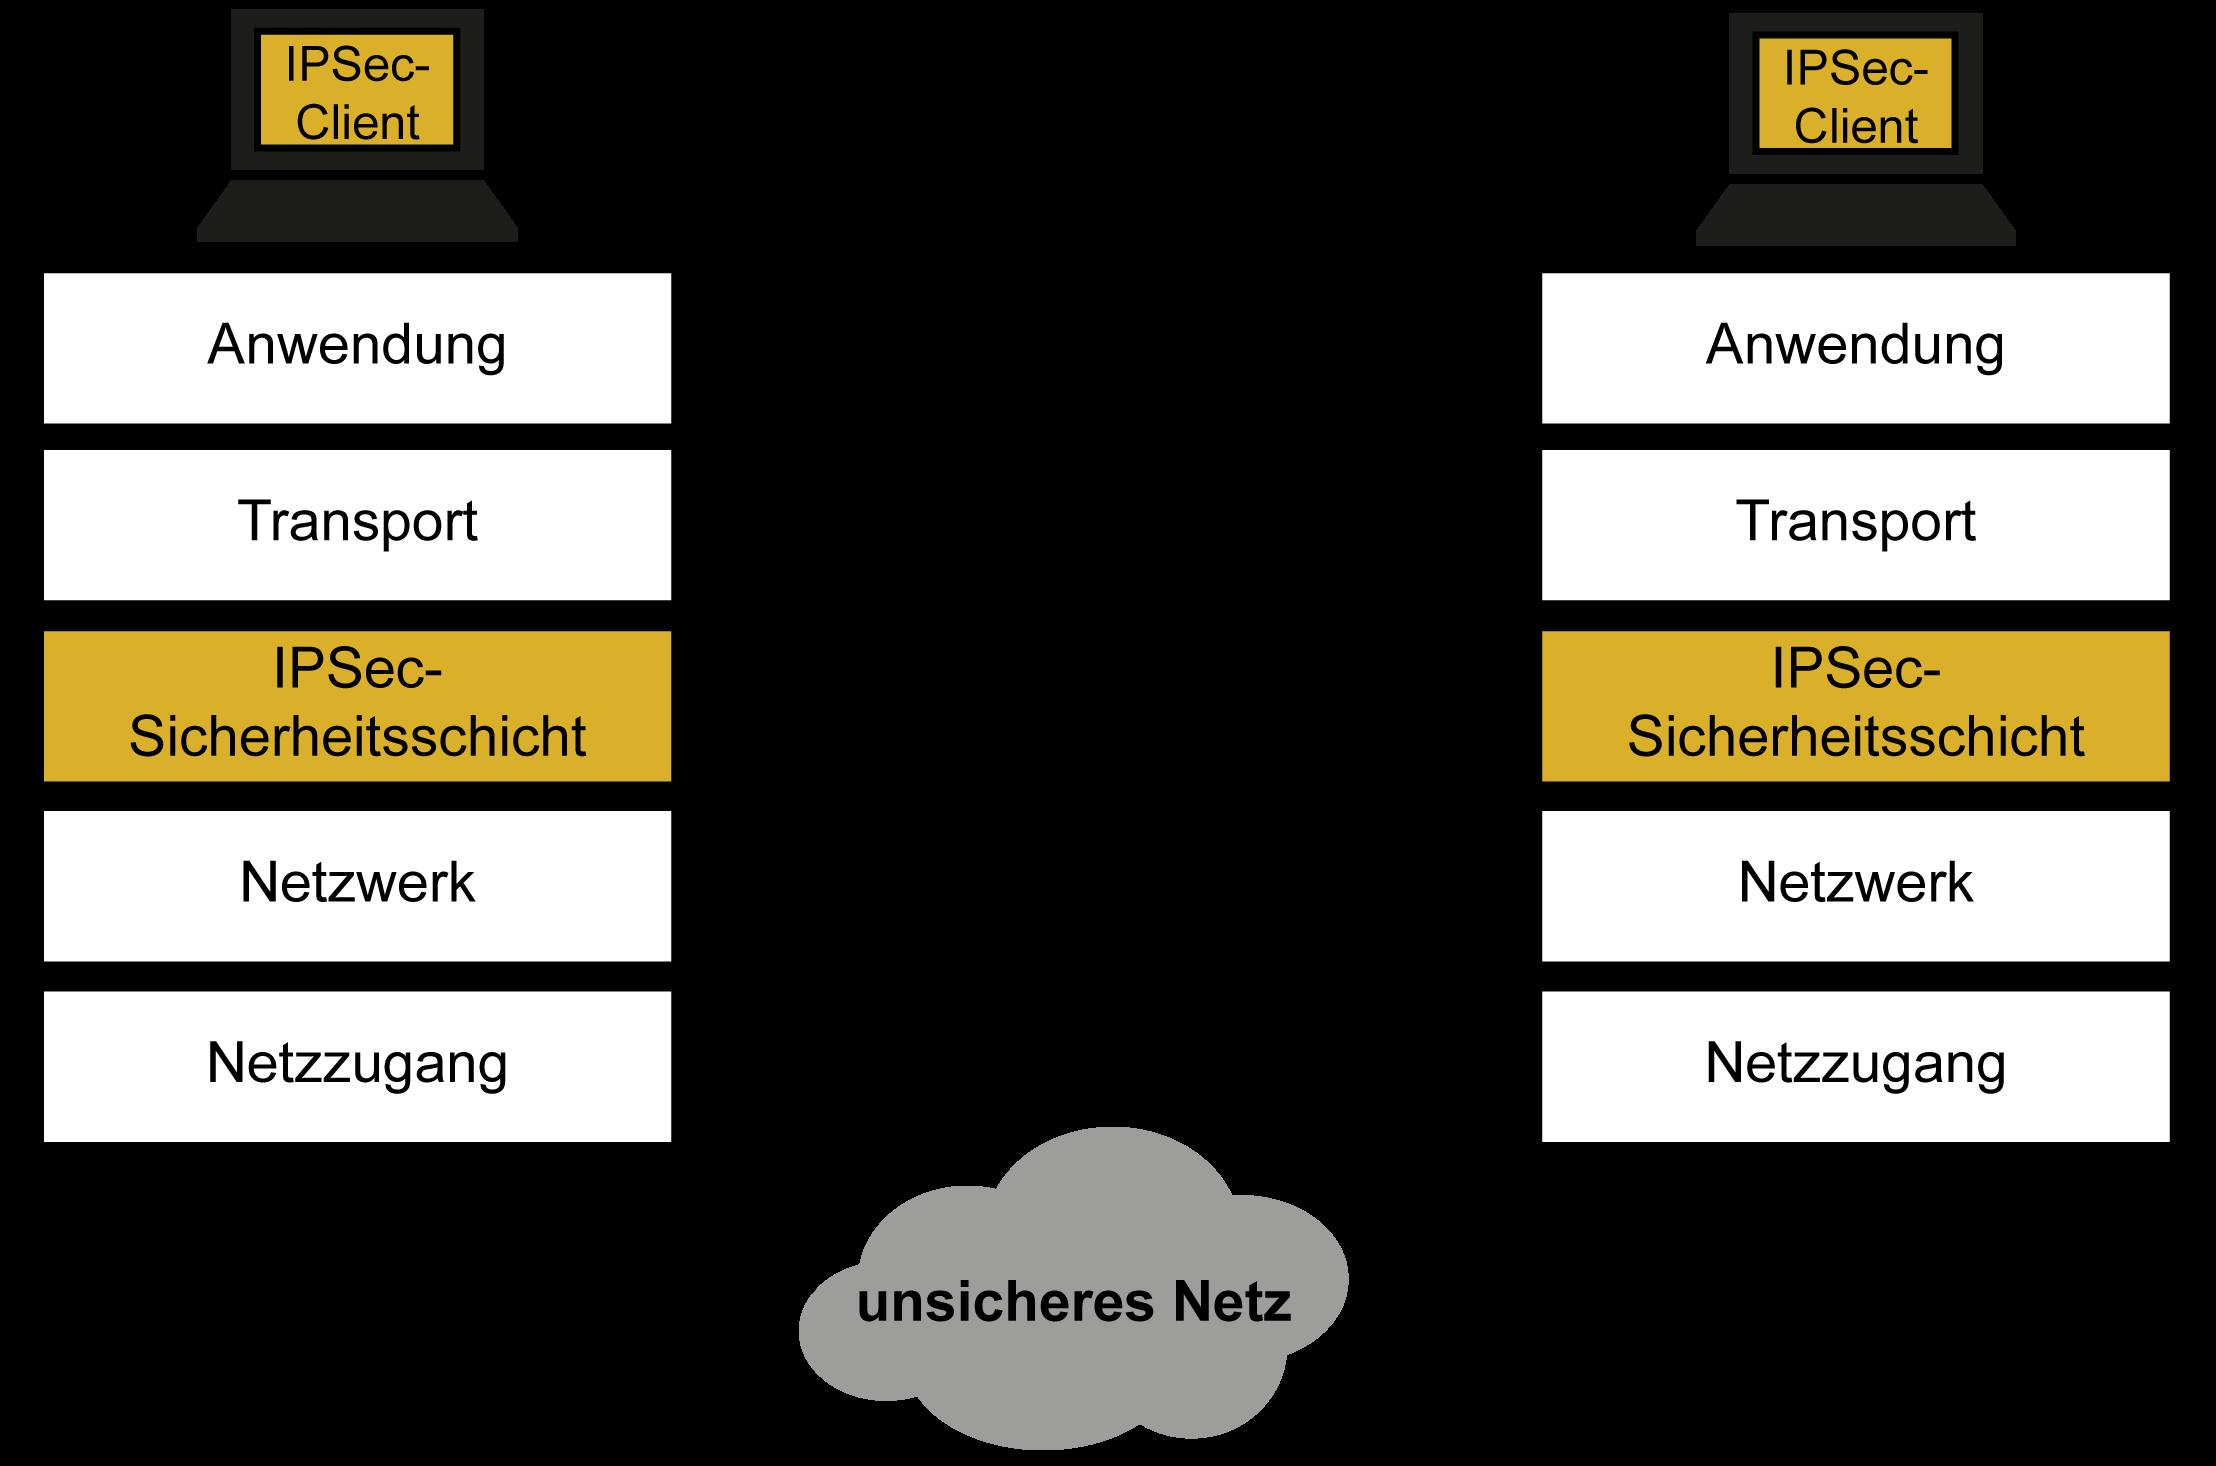 IPSec-Client - Glossar Cyber-Sicherheit - Prof. Norbert Pohlmann